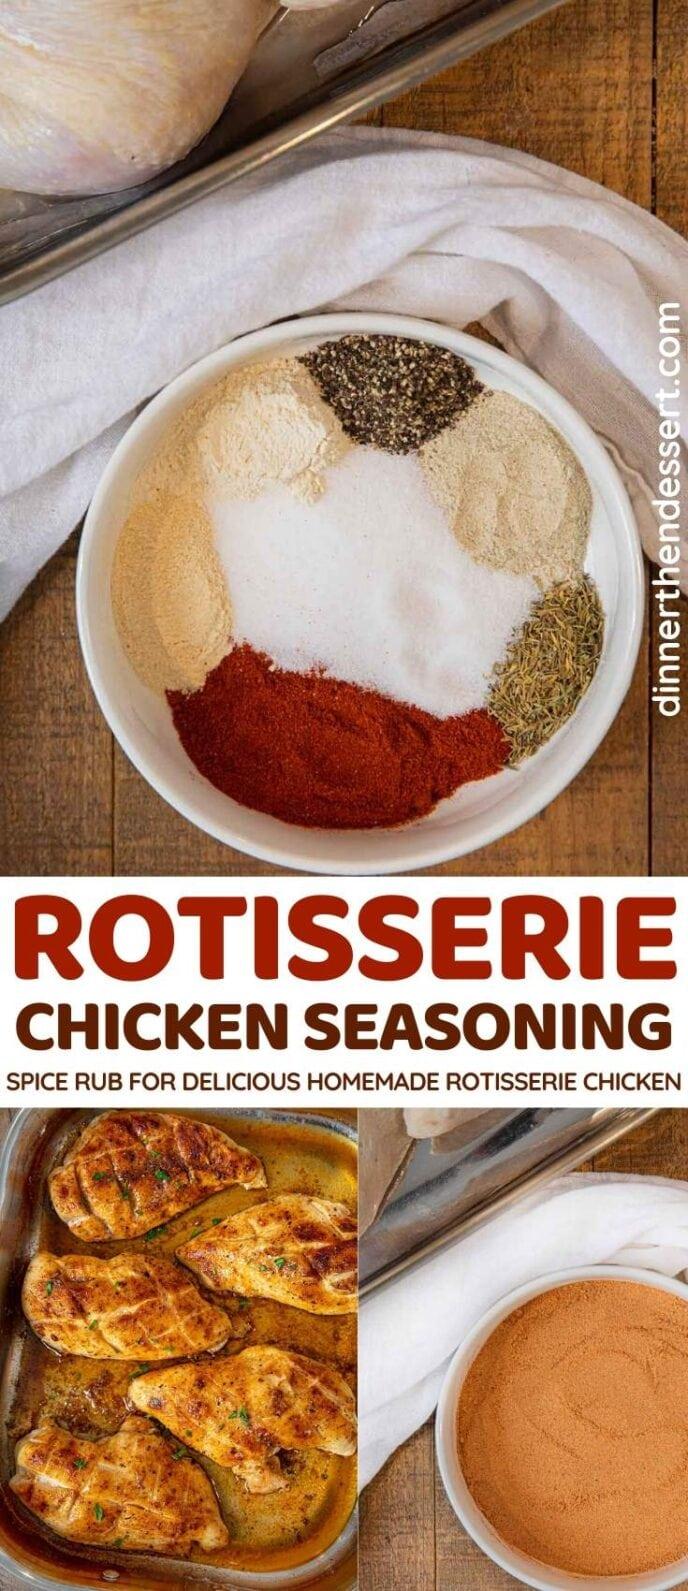 Rotisserie Chicken Seasoning collage